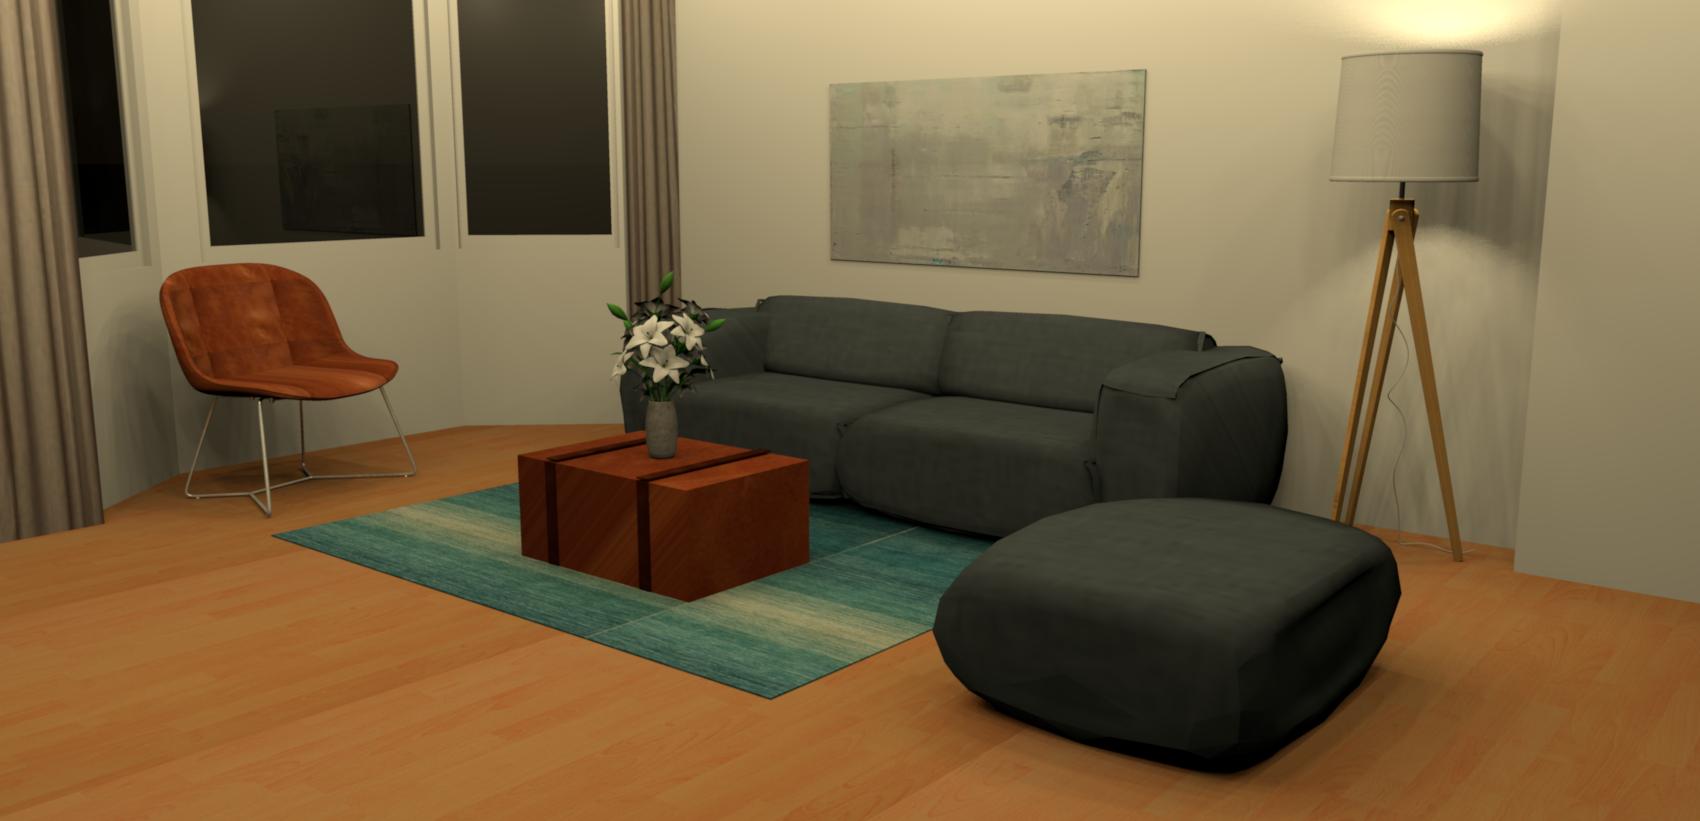 ottomane bilder ideen couch